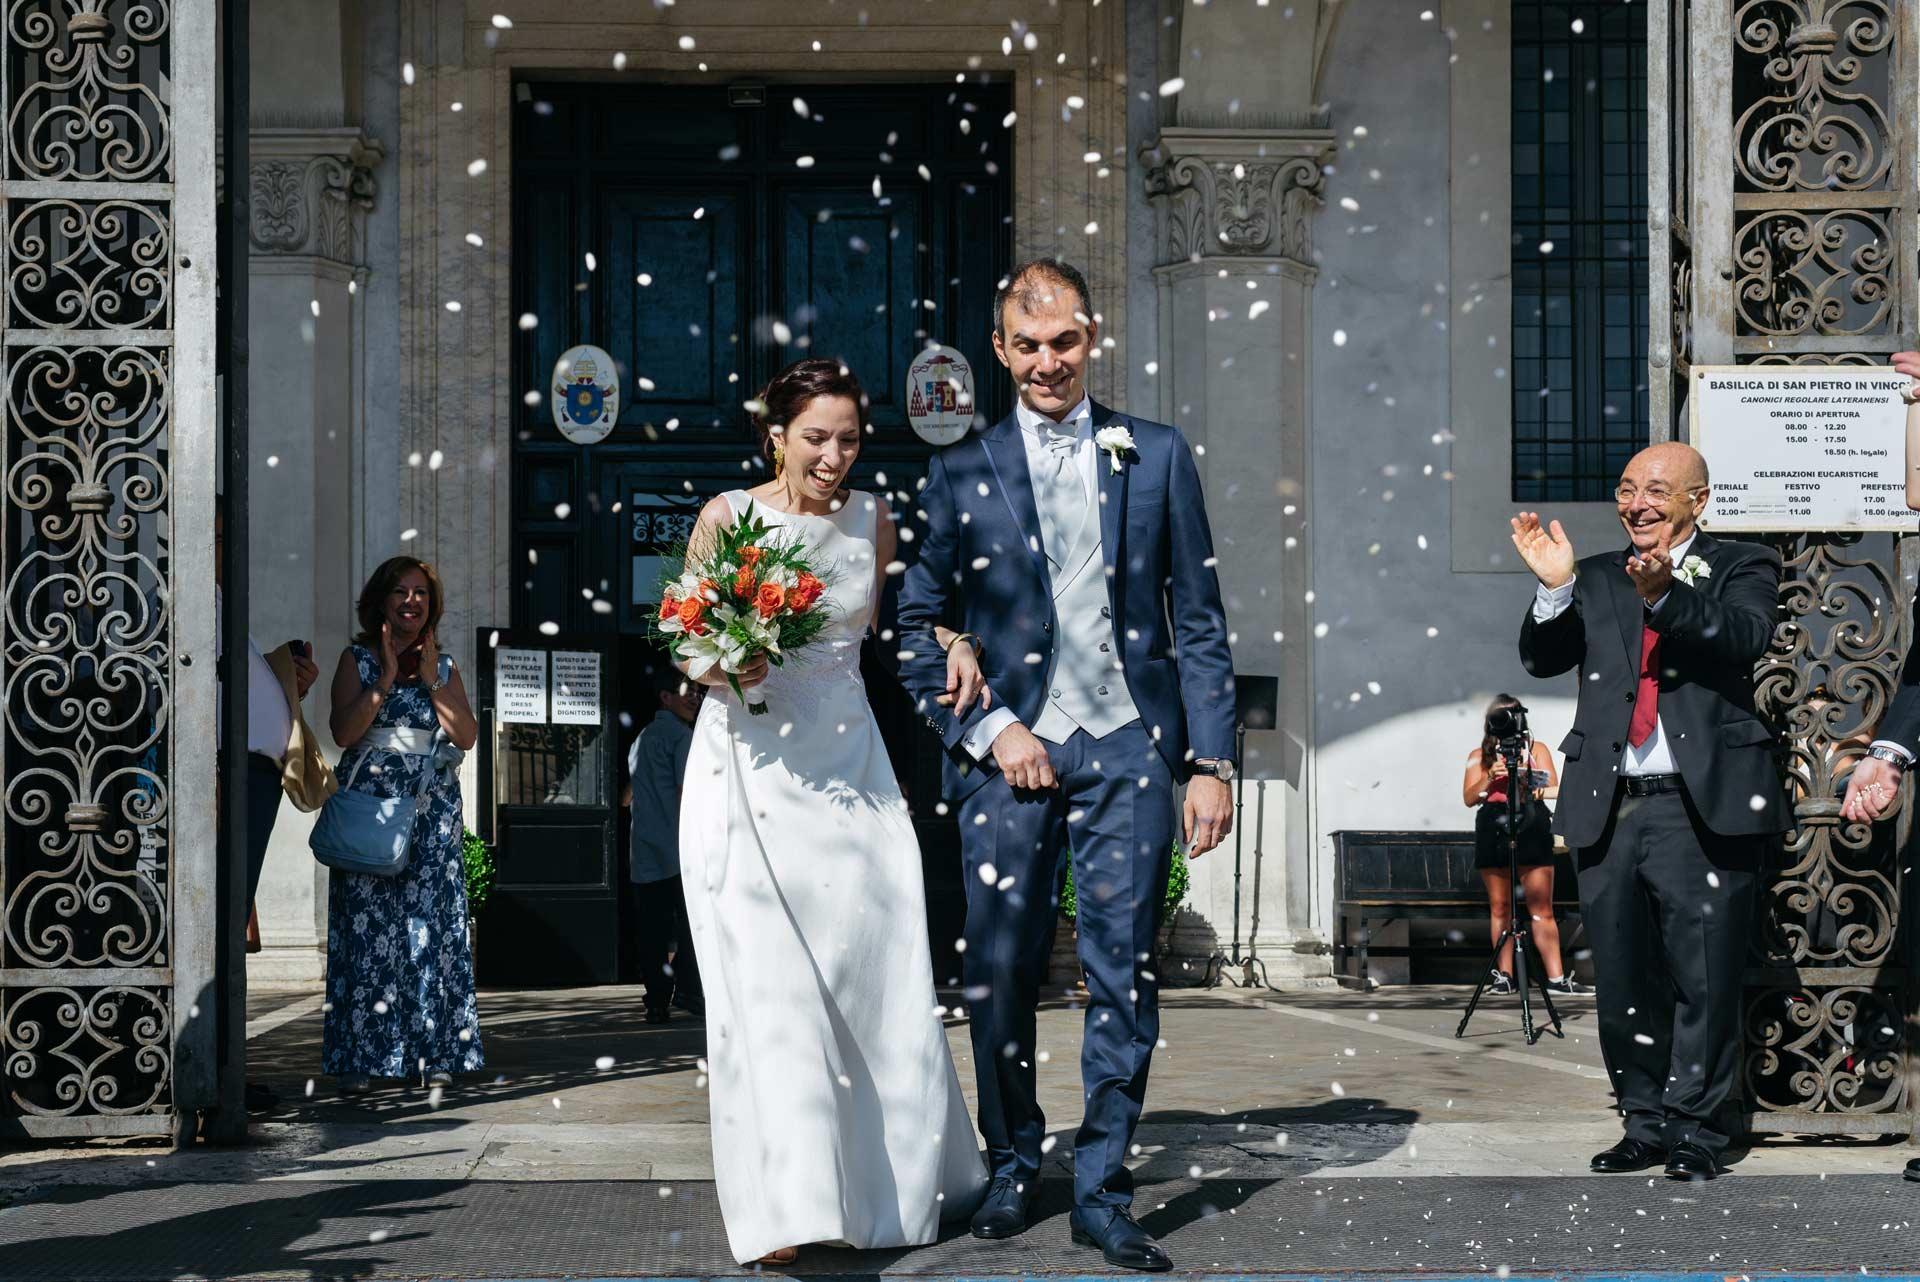 fotografo-matrimonio-reportage-15-C&M